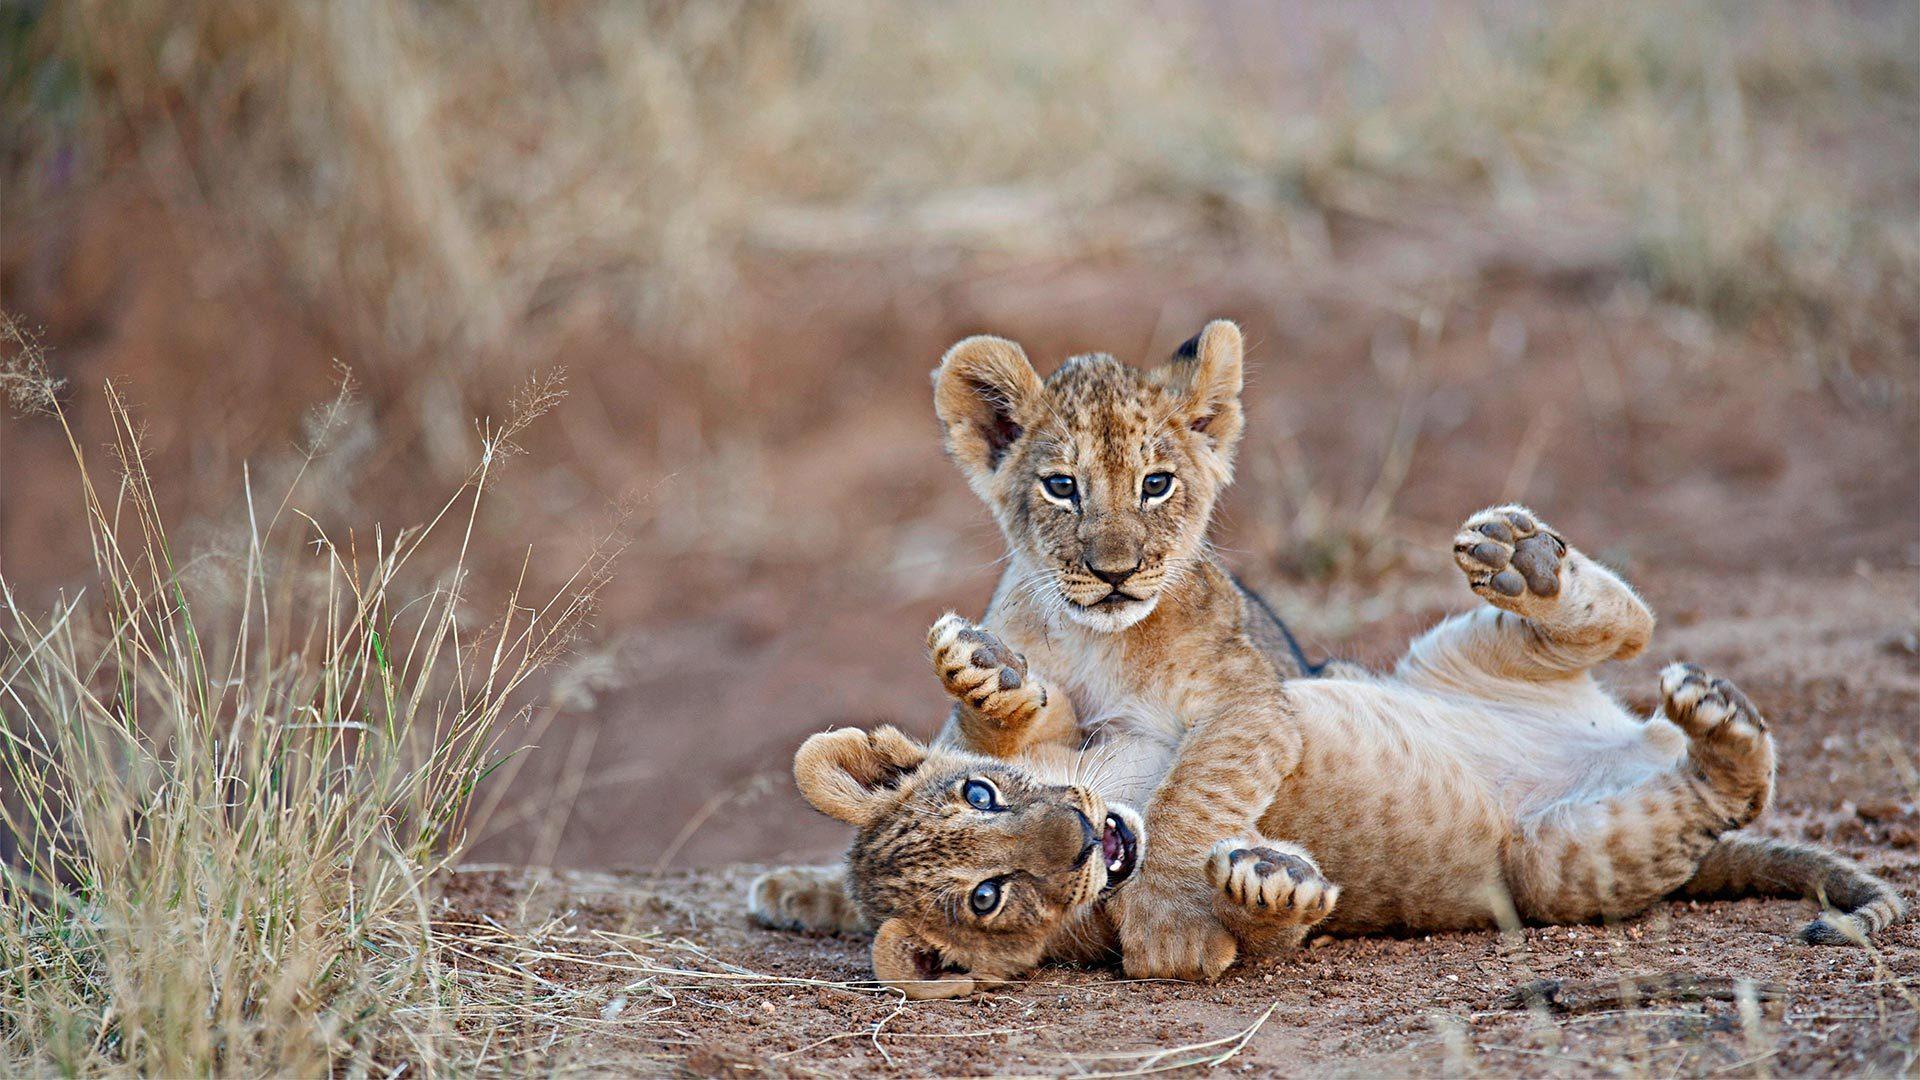 桑布鲁国家公园里摔跤的狮子幼崽